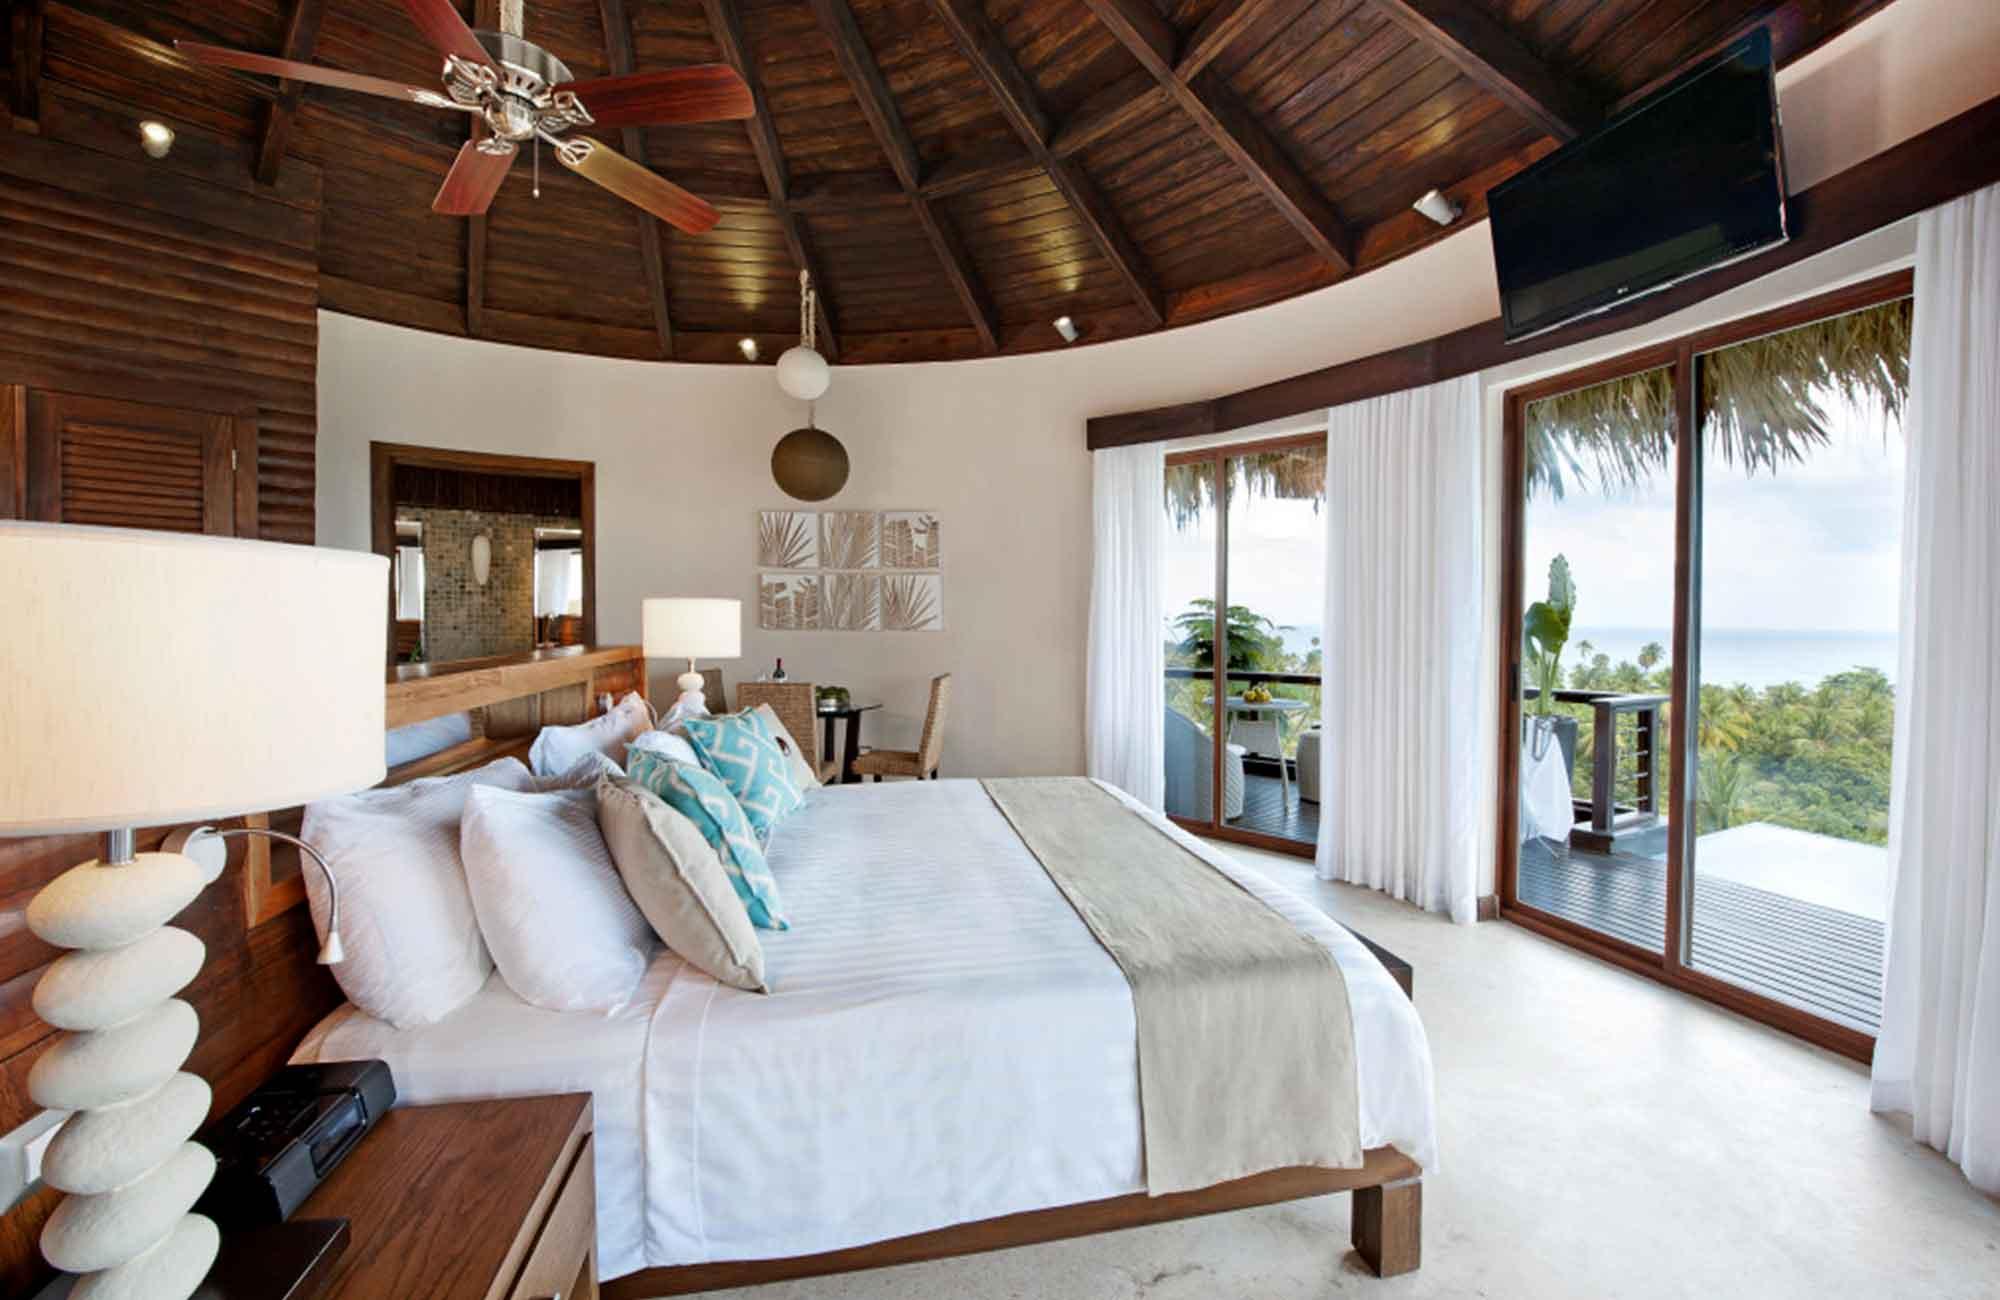 Séjour République Dominicaine - Casa Bonita Tropical Lodge - Amplitudes